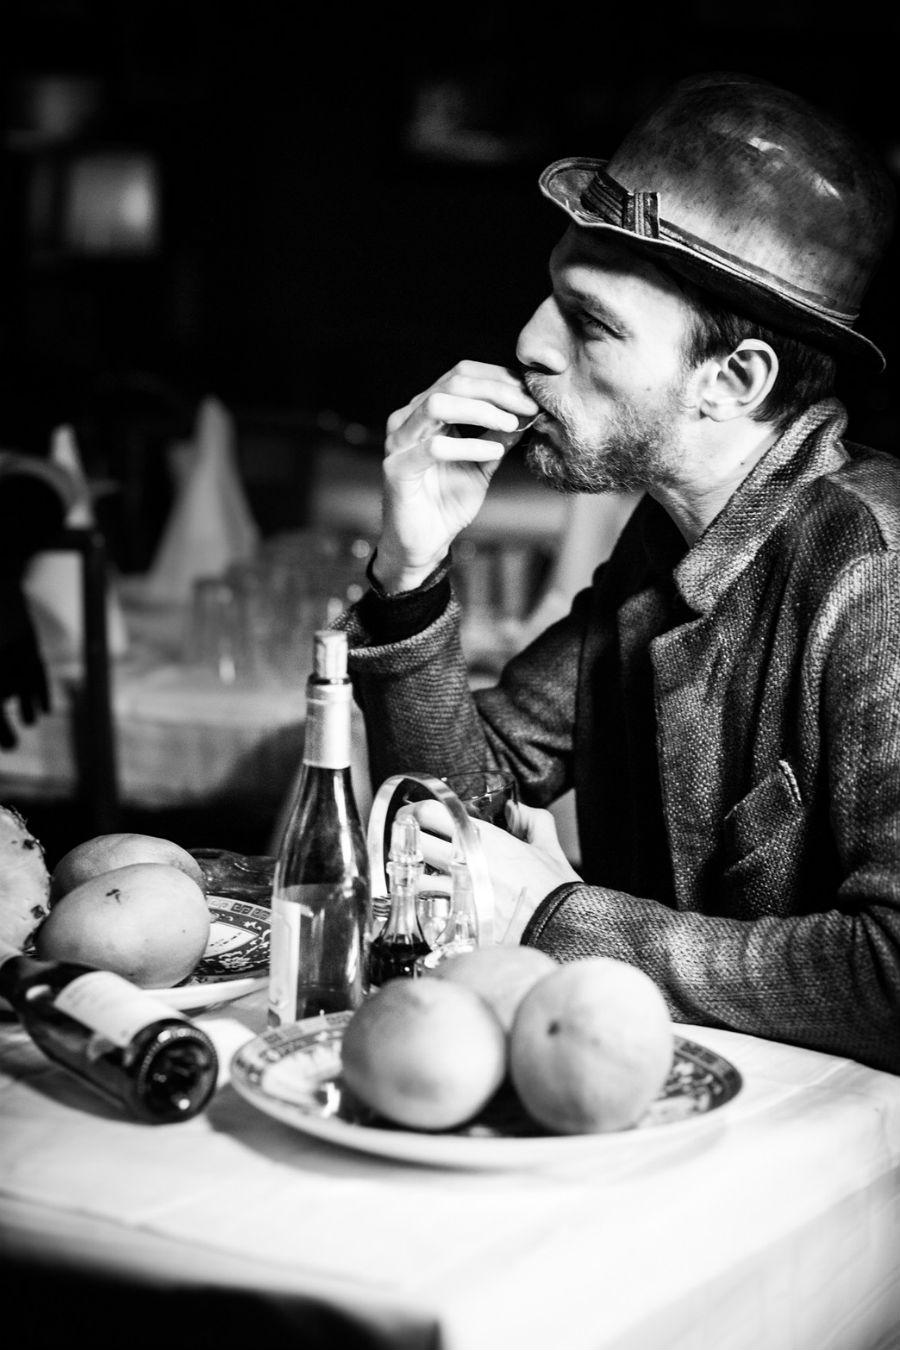 Yuri Catania - fotografo: nell'immagine pubblicitaria un modello seduto ad un tavolo